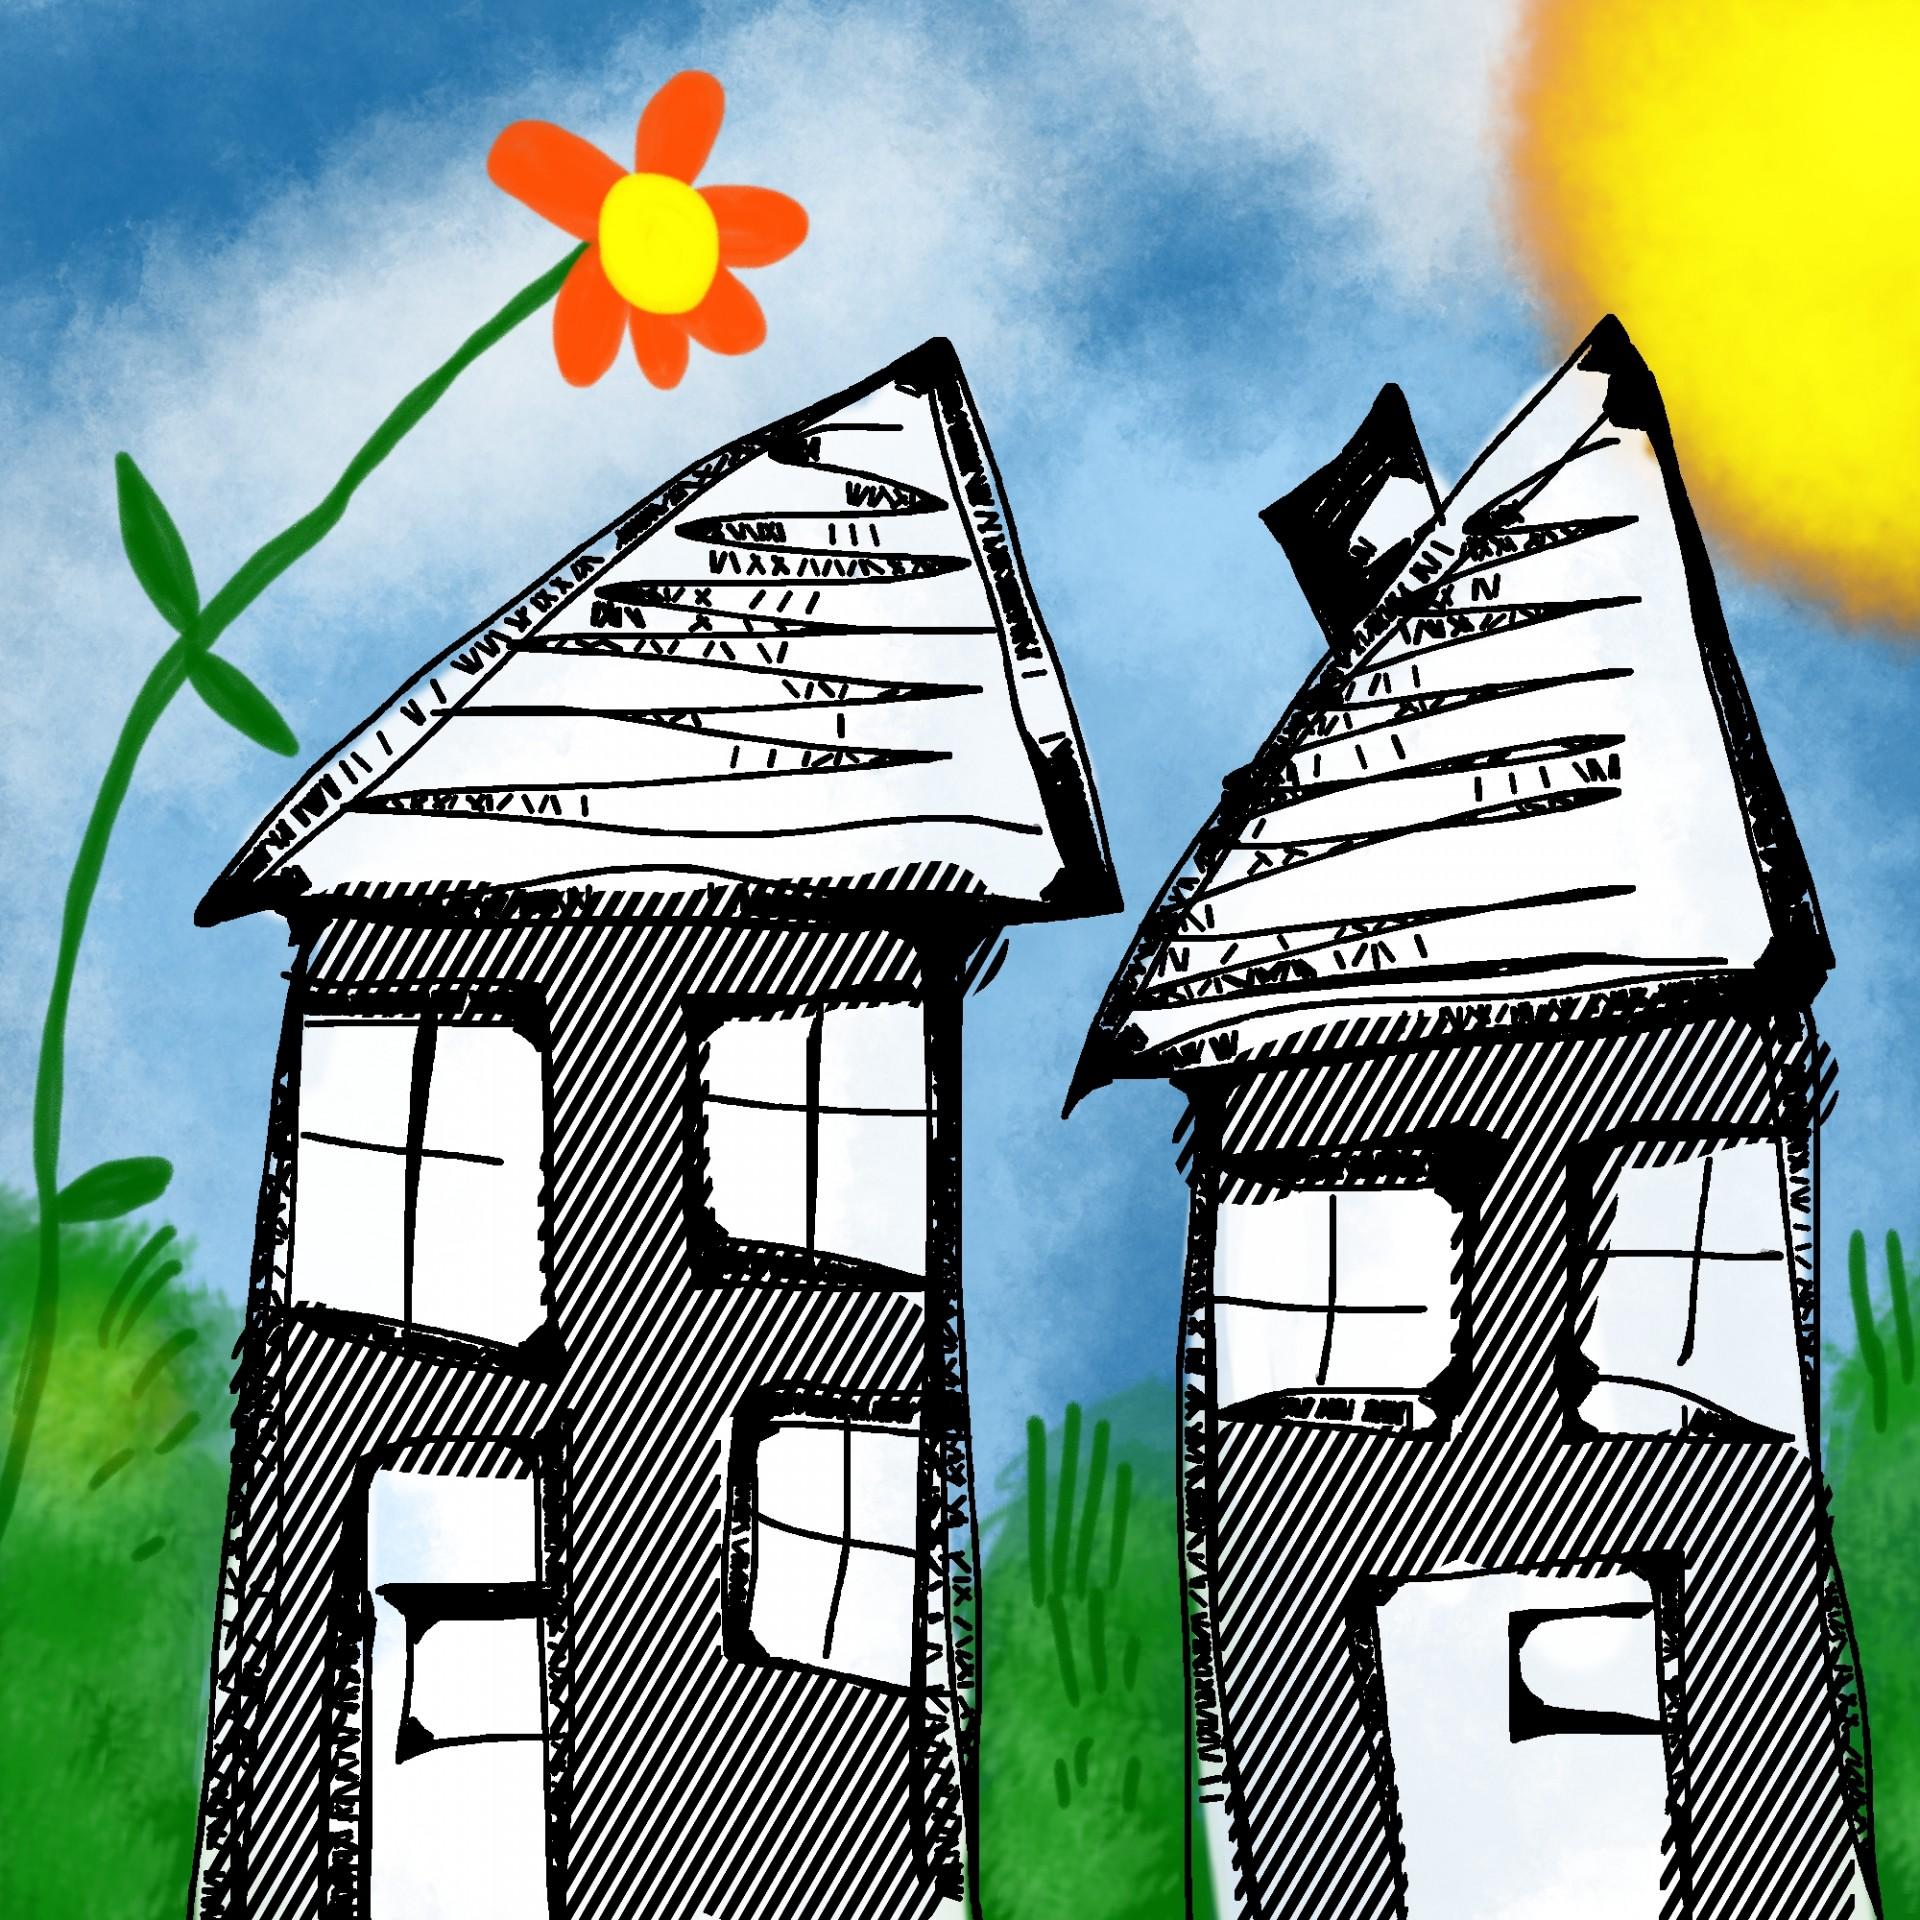 houses-1439890788yWv.jpg